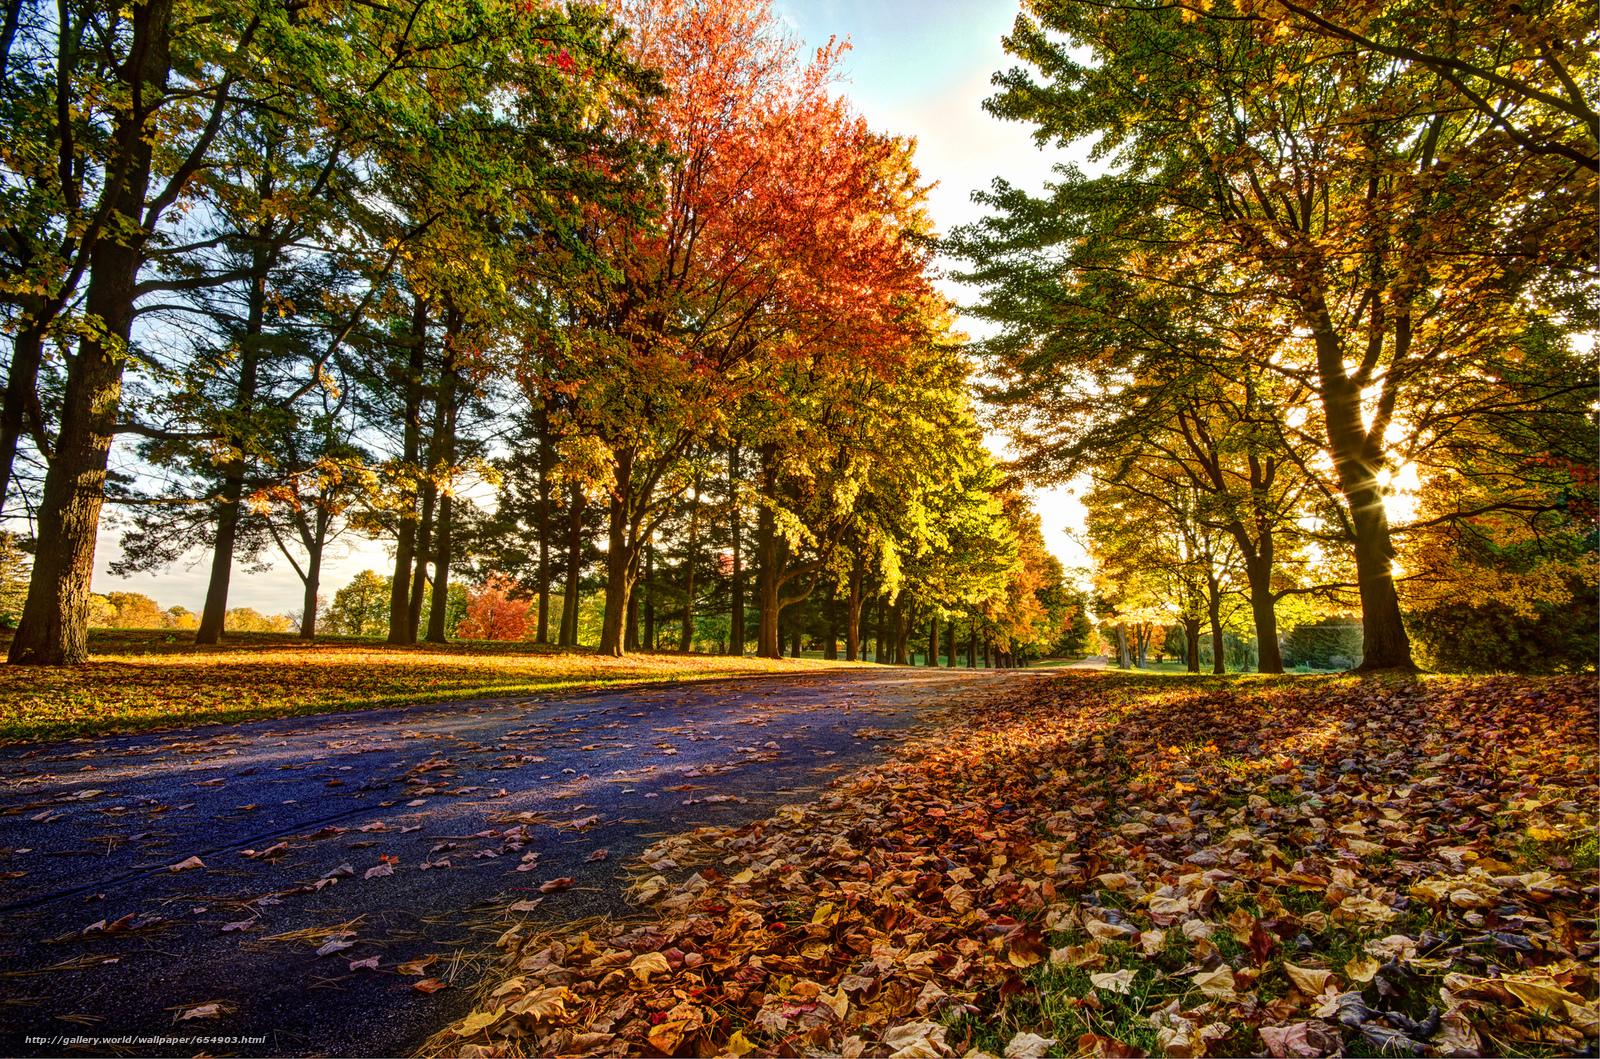 Tlcharger Fond d'ecran automne,  route,  arbres,  paysage Fonds d'ecran gratuits pour votre rsolution du bureau 2048x1356 — image №654903